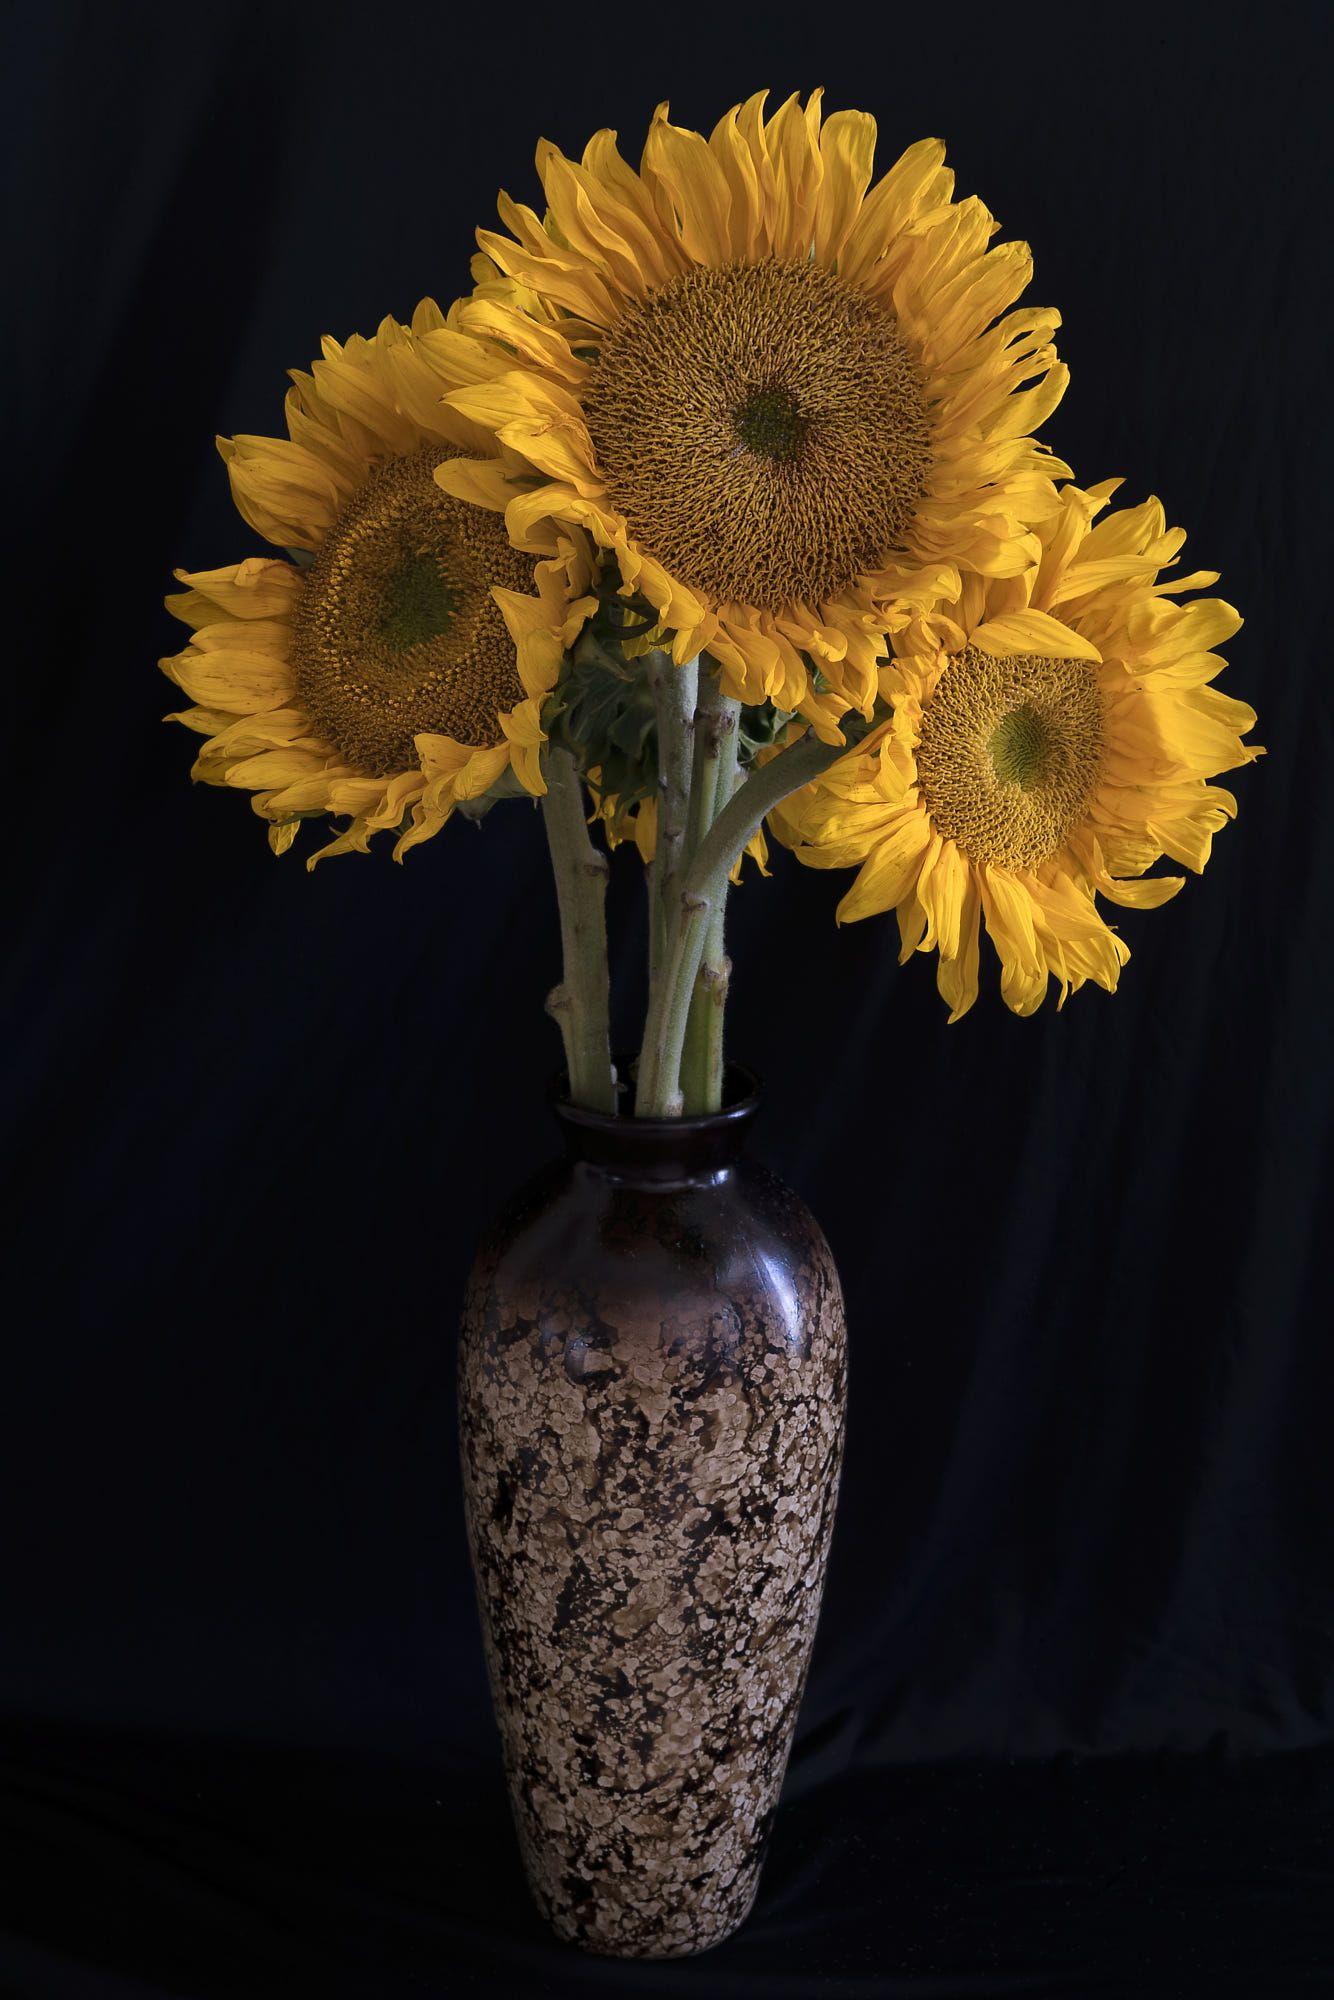 Sunflowers By Frank Dobrushken Sunflower Vase Arrangement